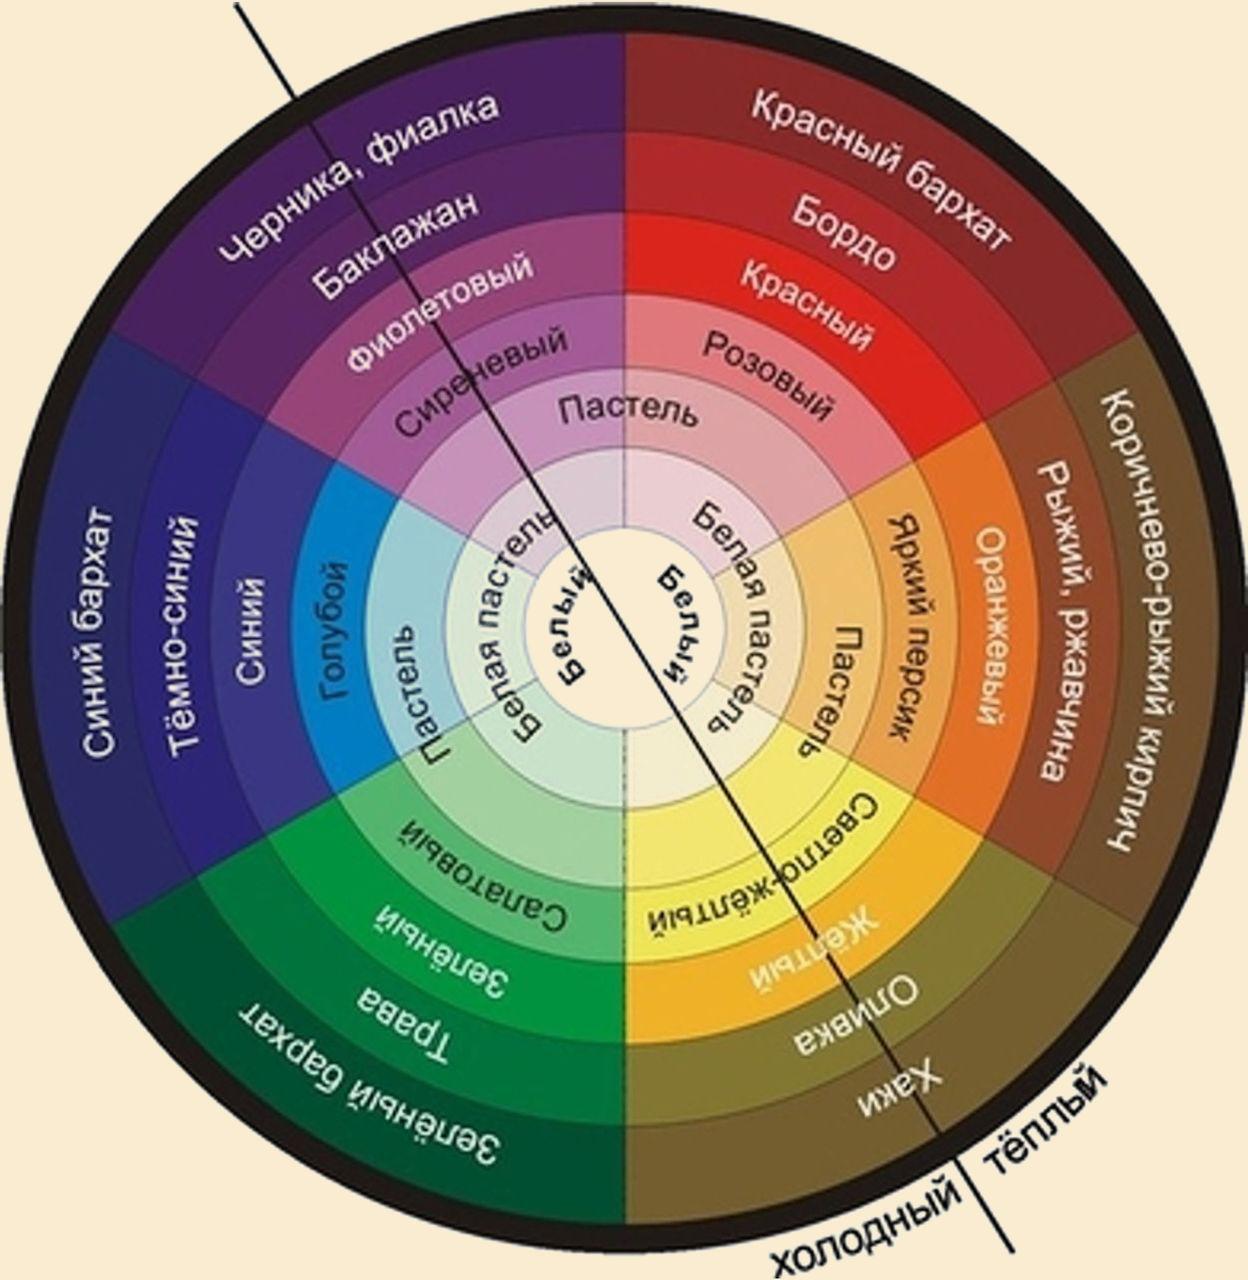 Цветовой круг для определения сочетания цветов.